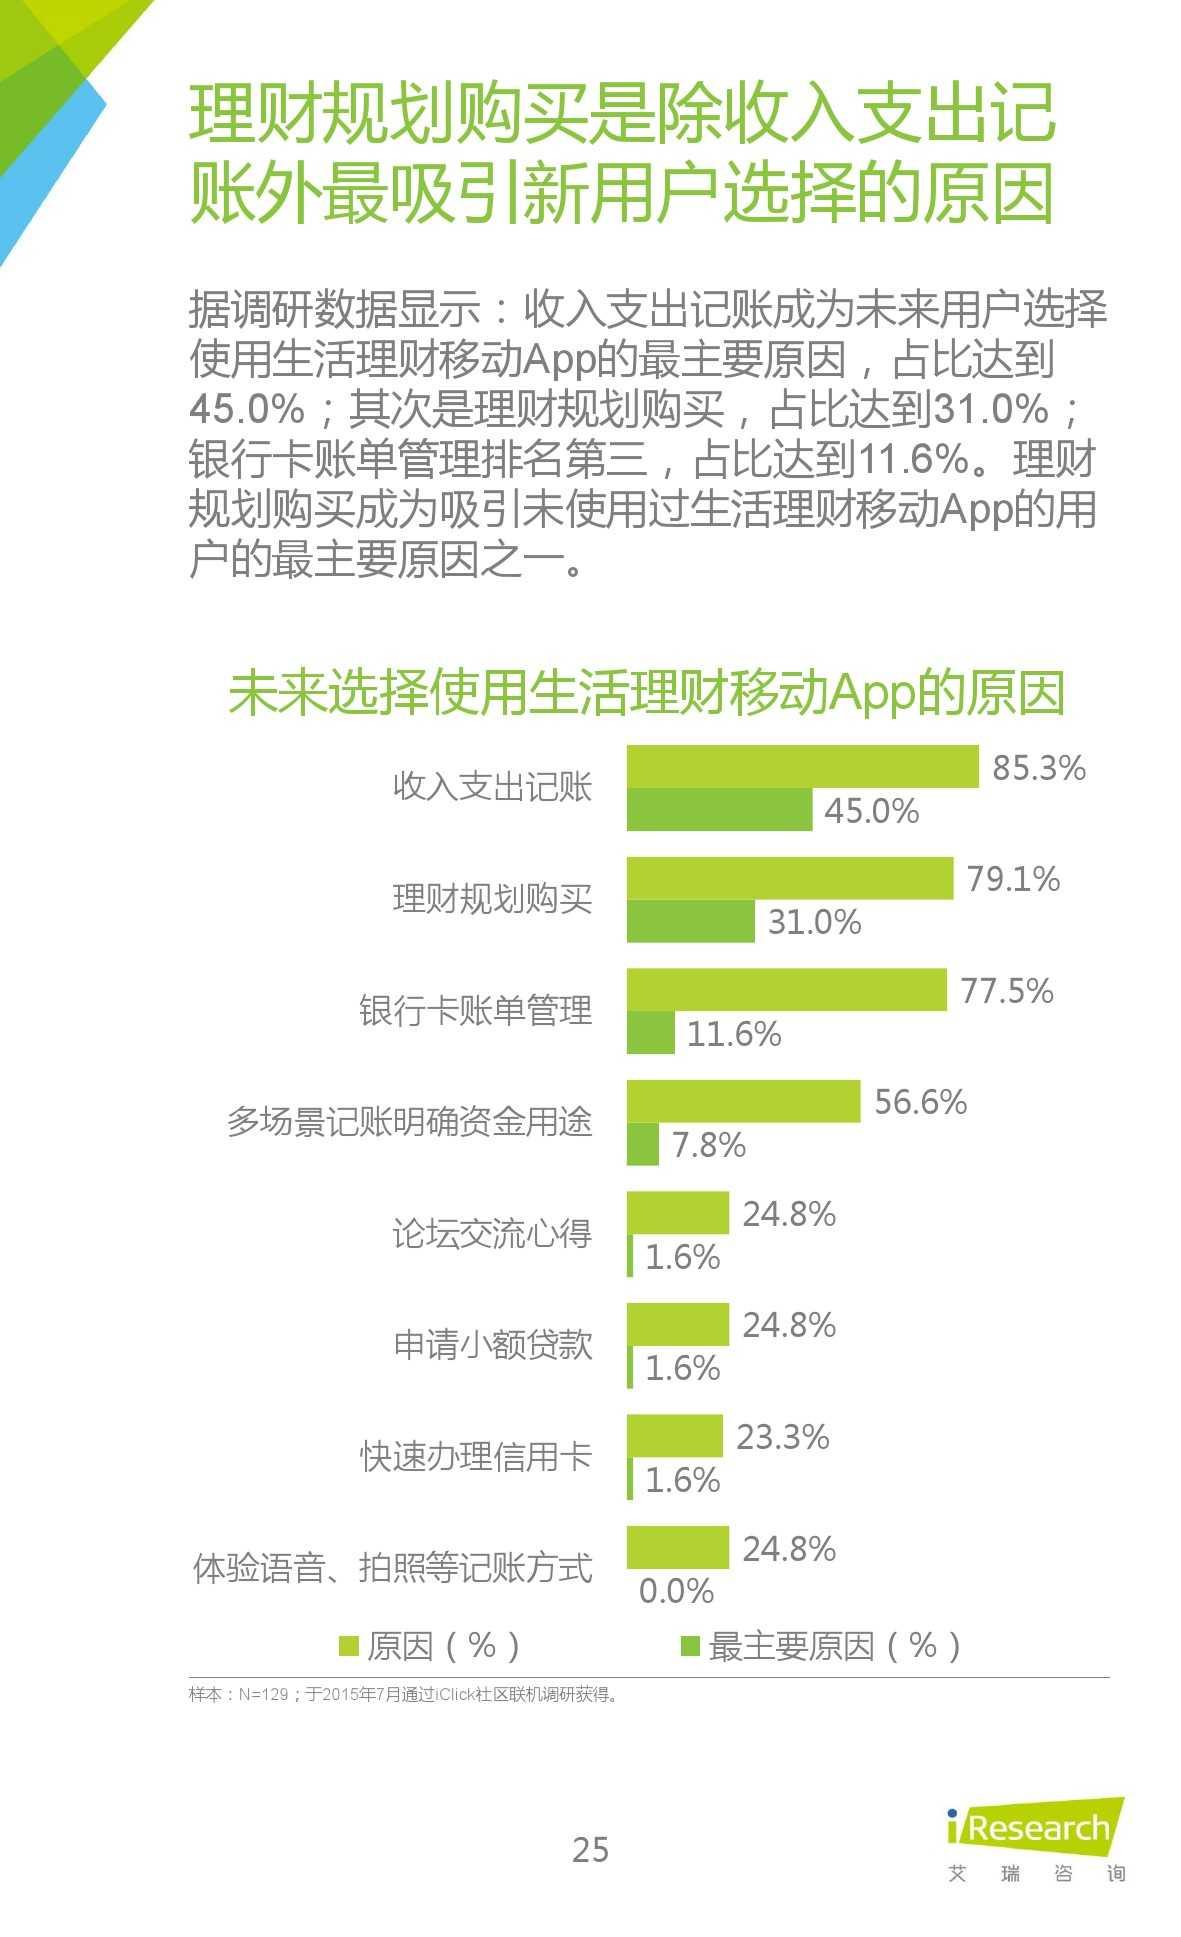 2015年中国生活理财移动App行业研究报告_000025